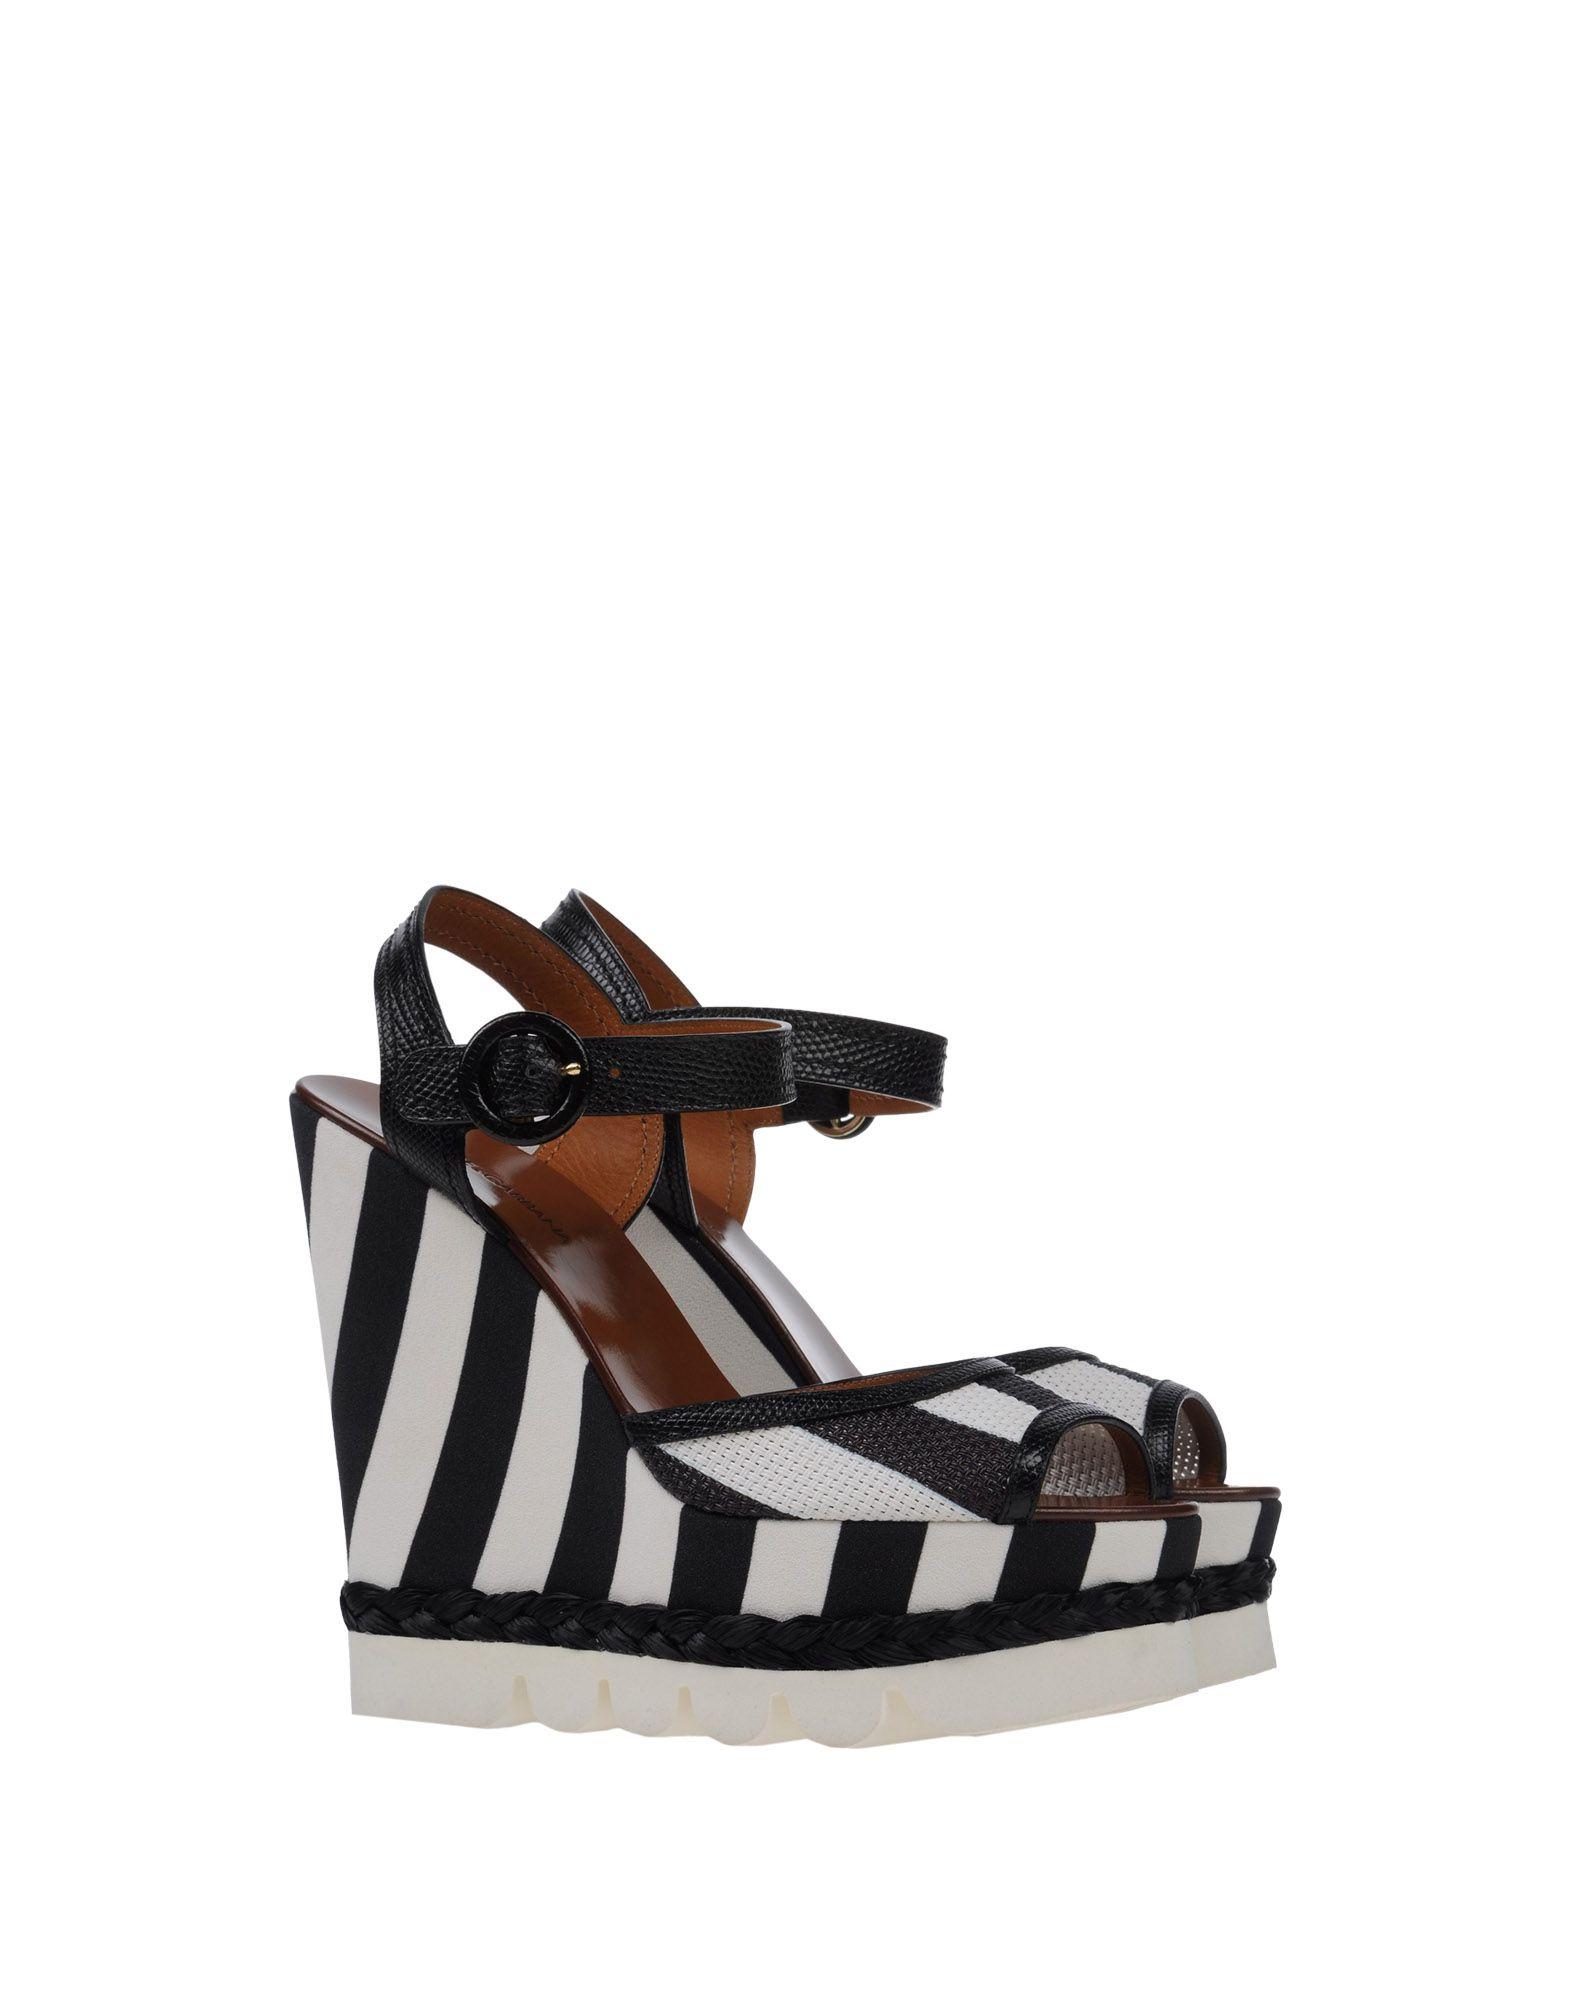 Dolce & Gabbana Sandalen Damen Schuhe  11105923JIGünstige gut aussehende Schuhe Damen 9e92d0